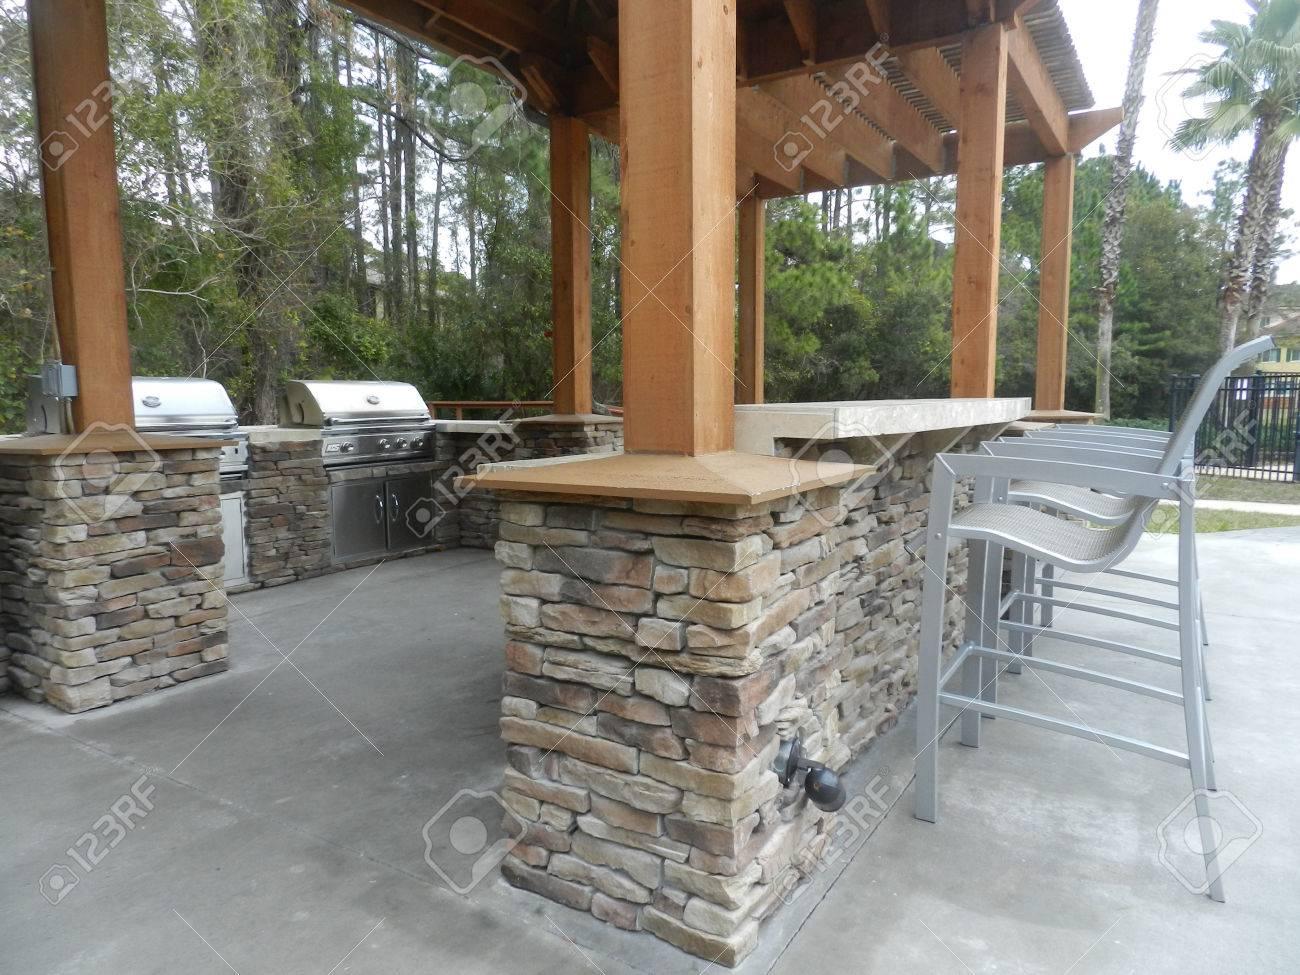 patio furniture with umbrellas on stone patio near upscale condo